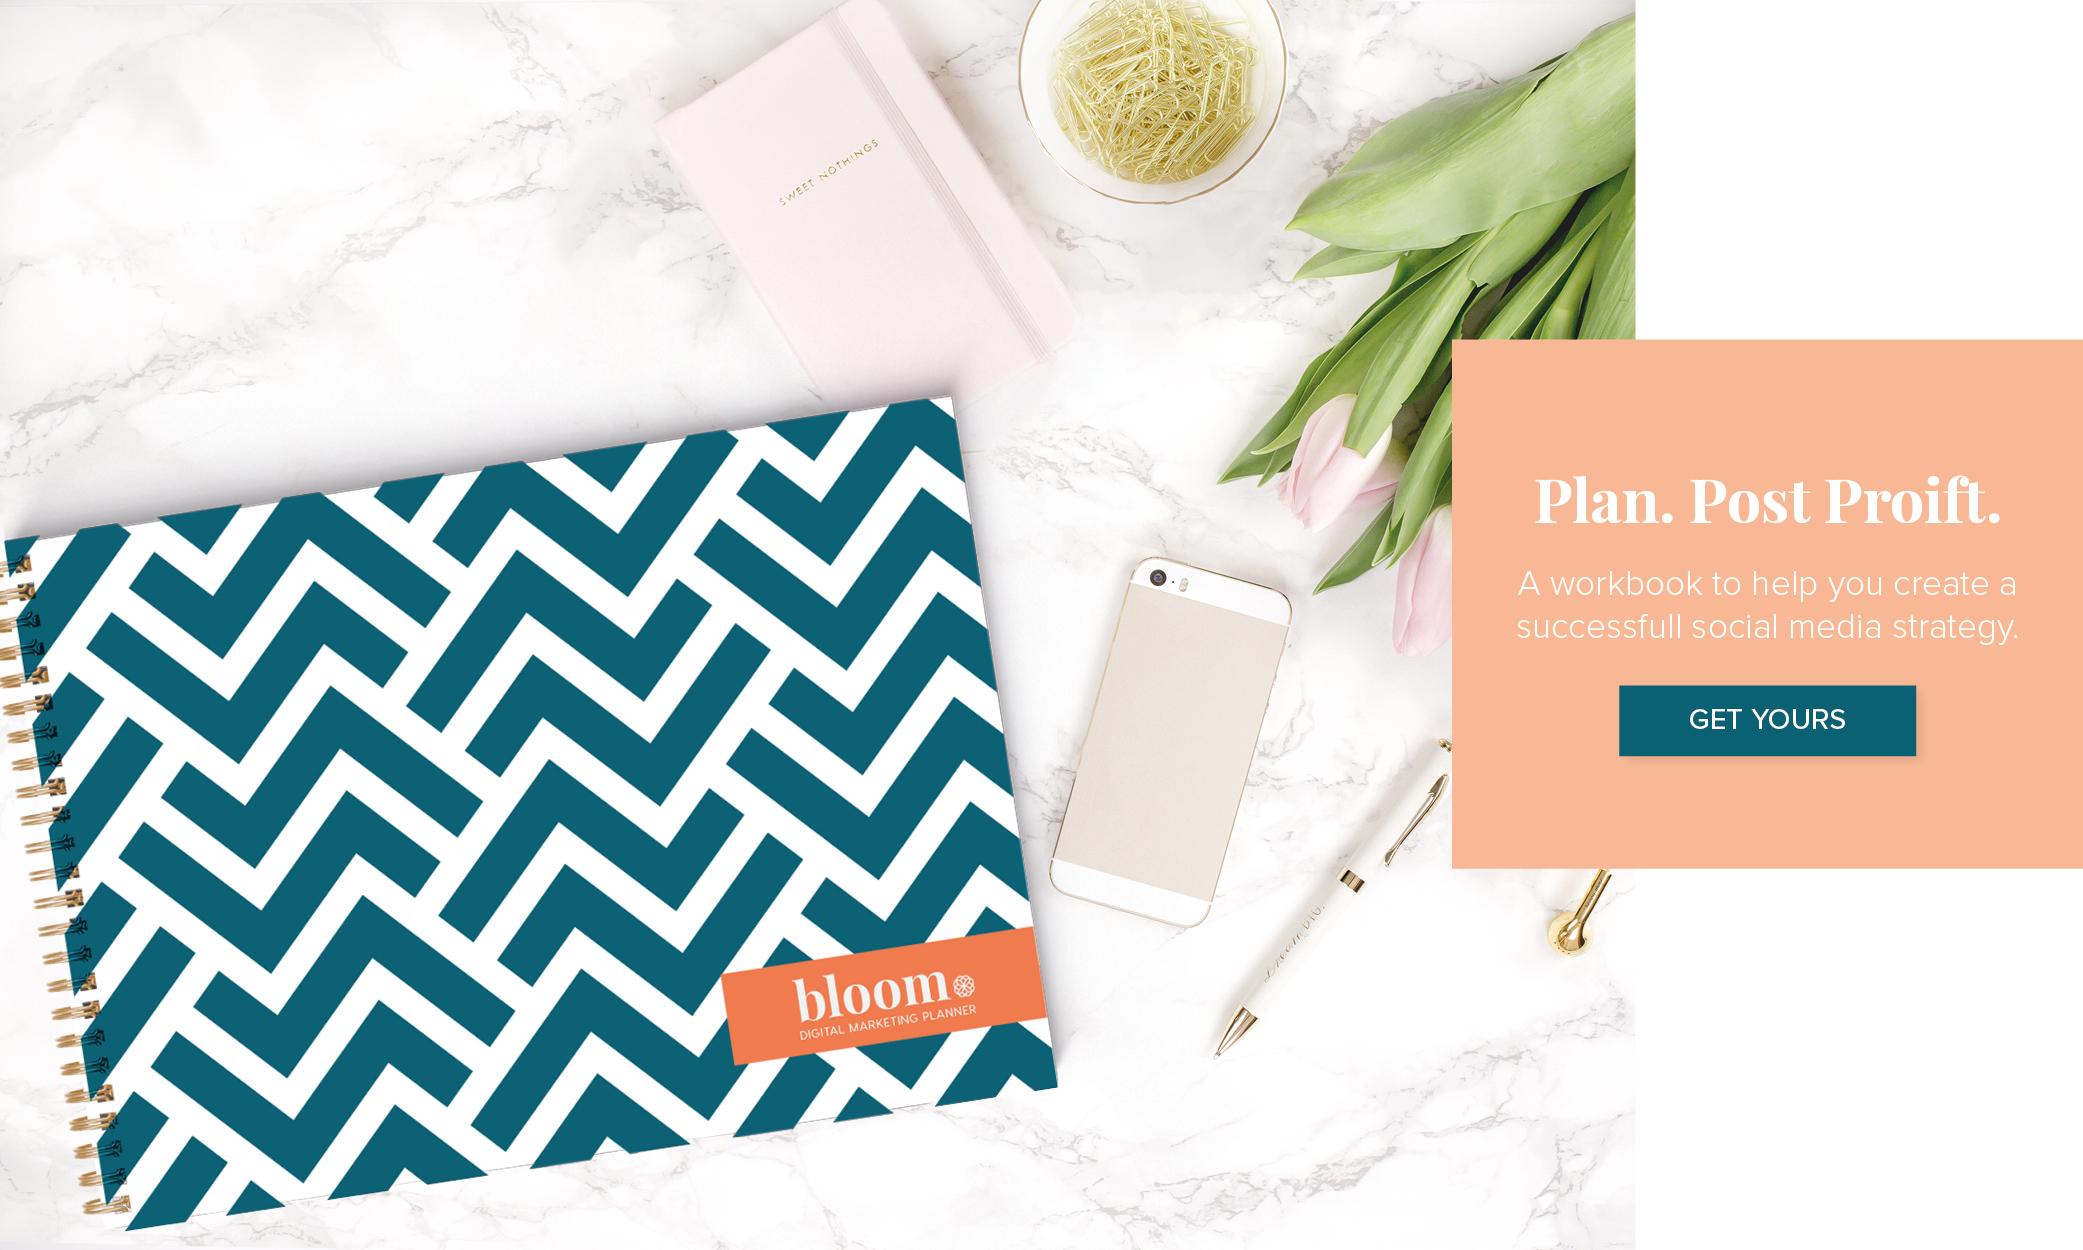 social-media-planning-tool